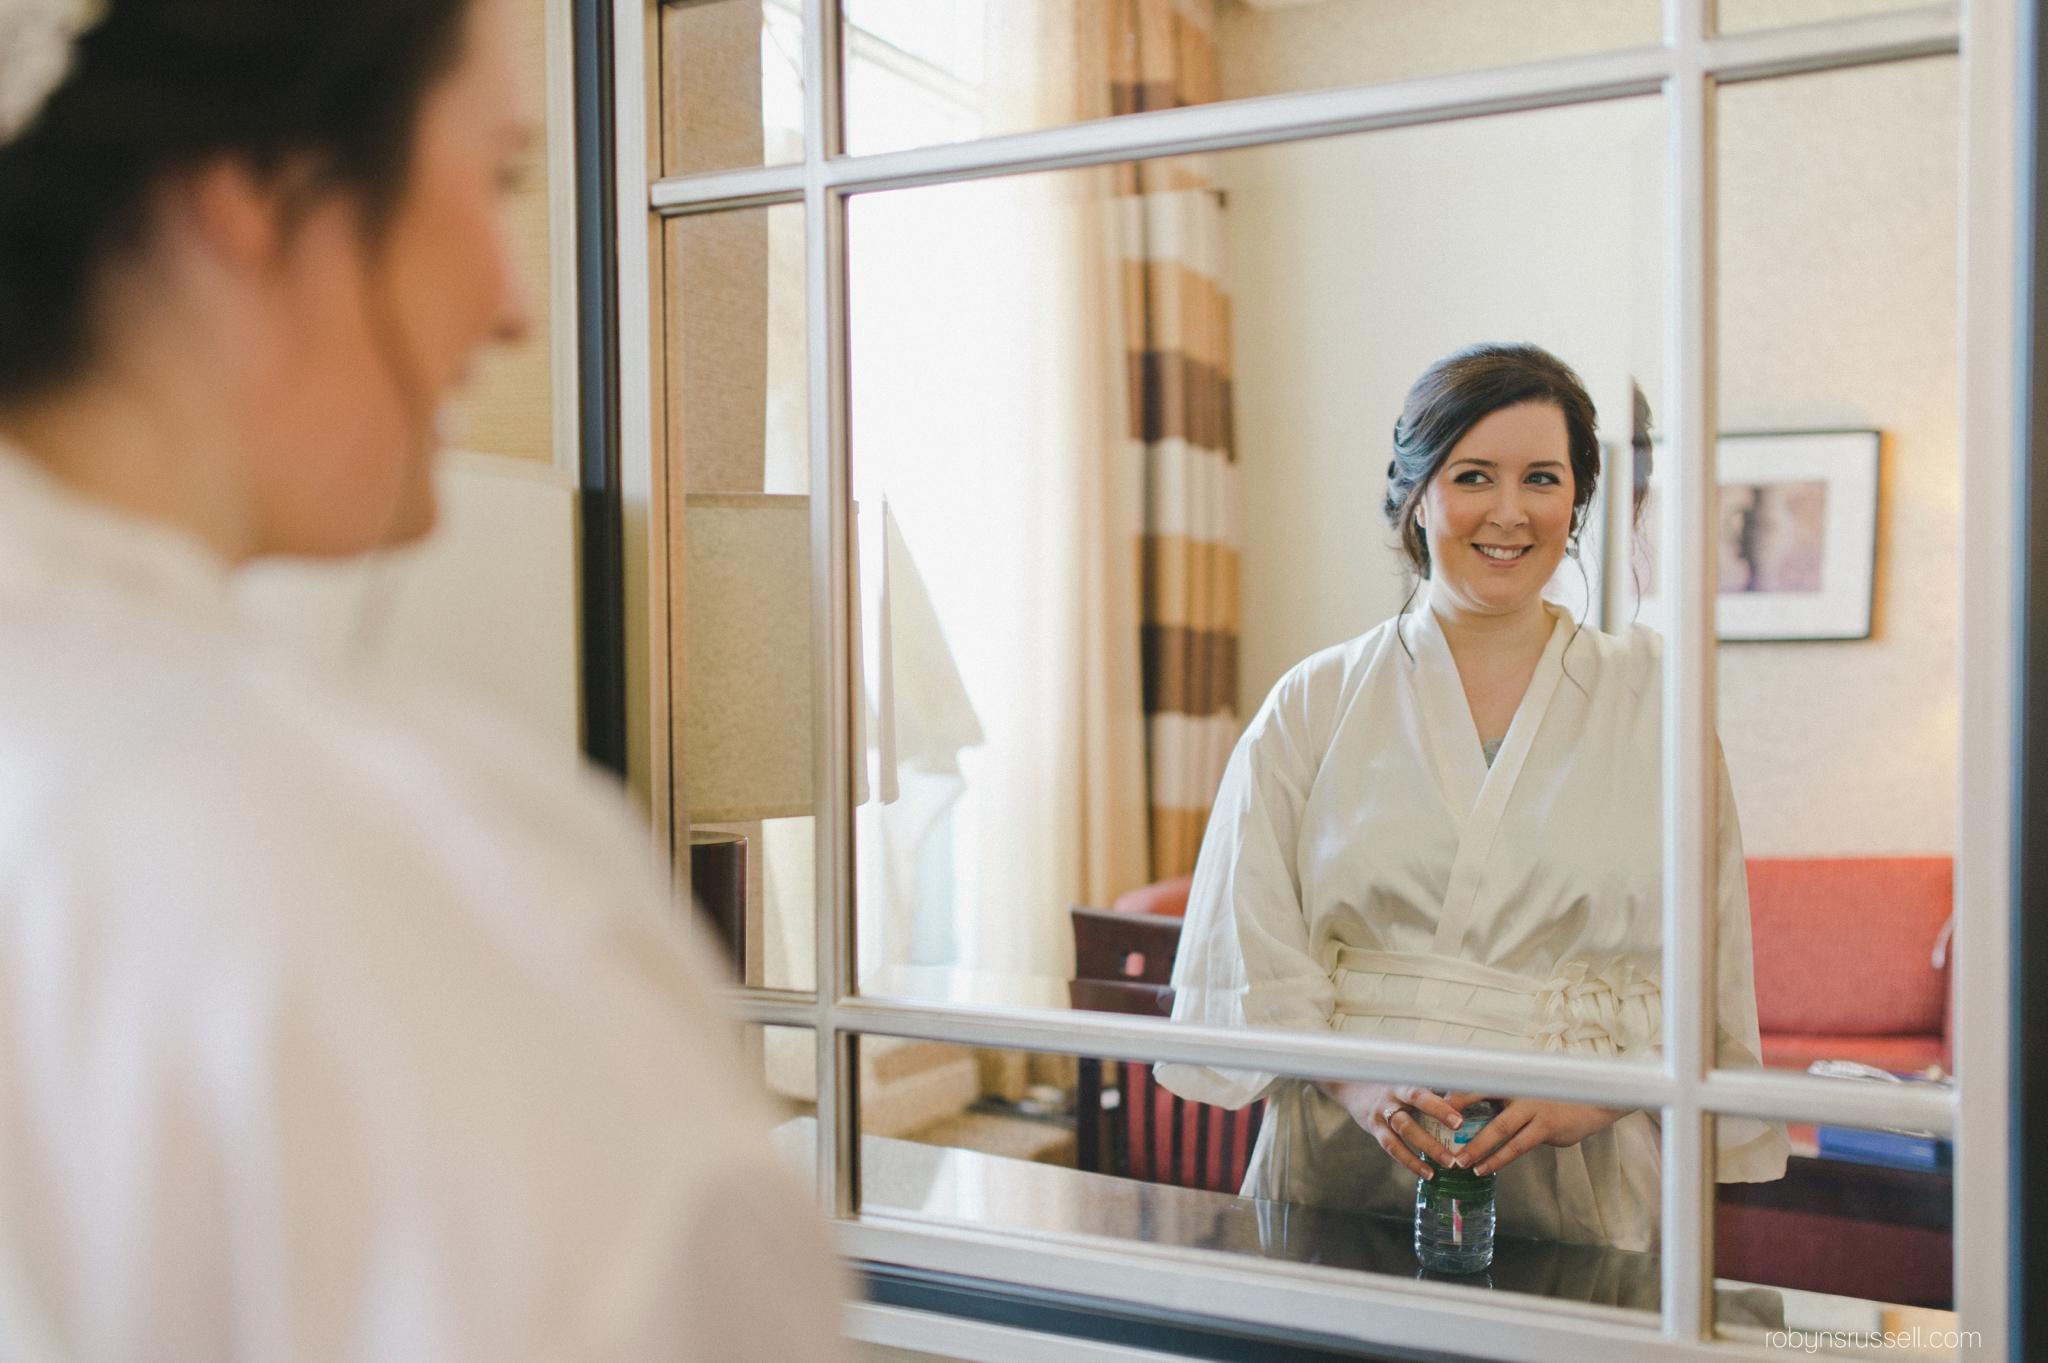 01-bride-looking-in-mirror.jpg